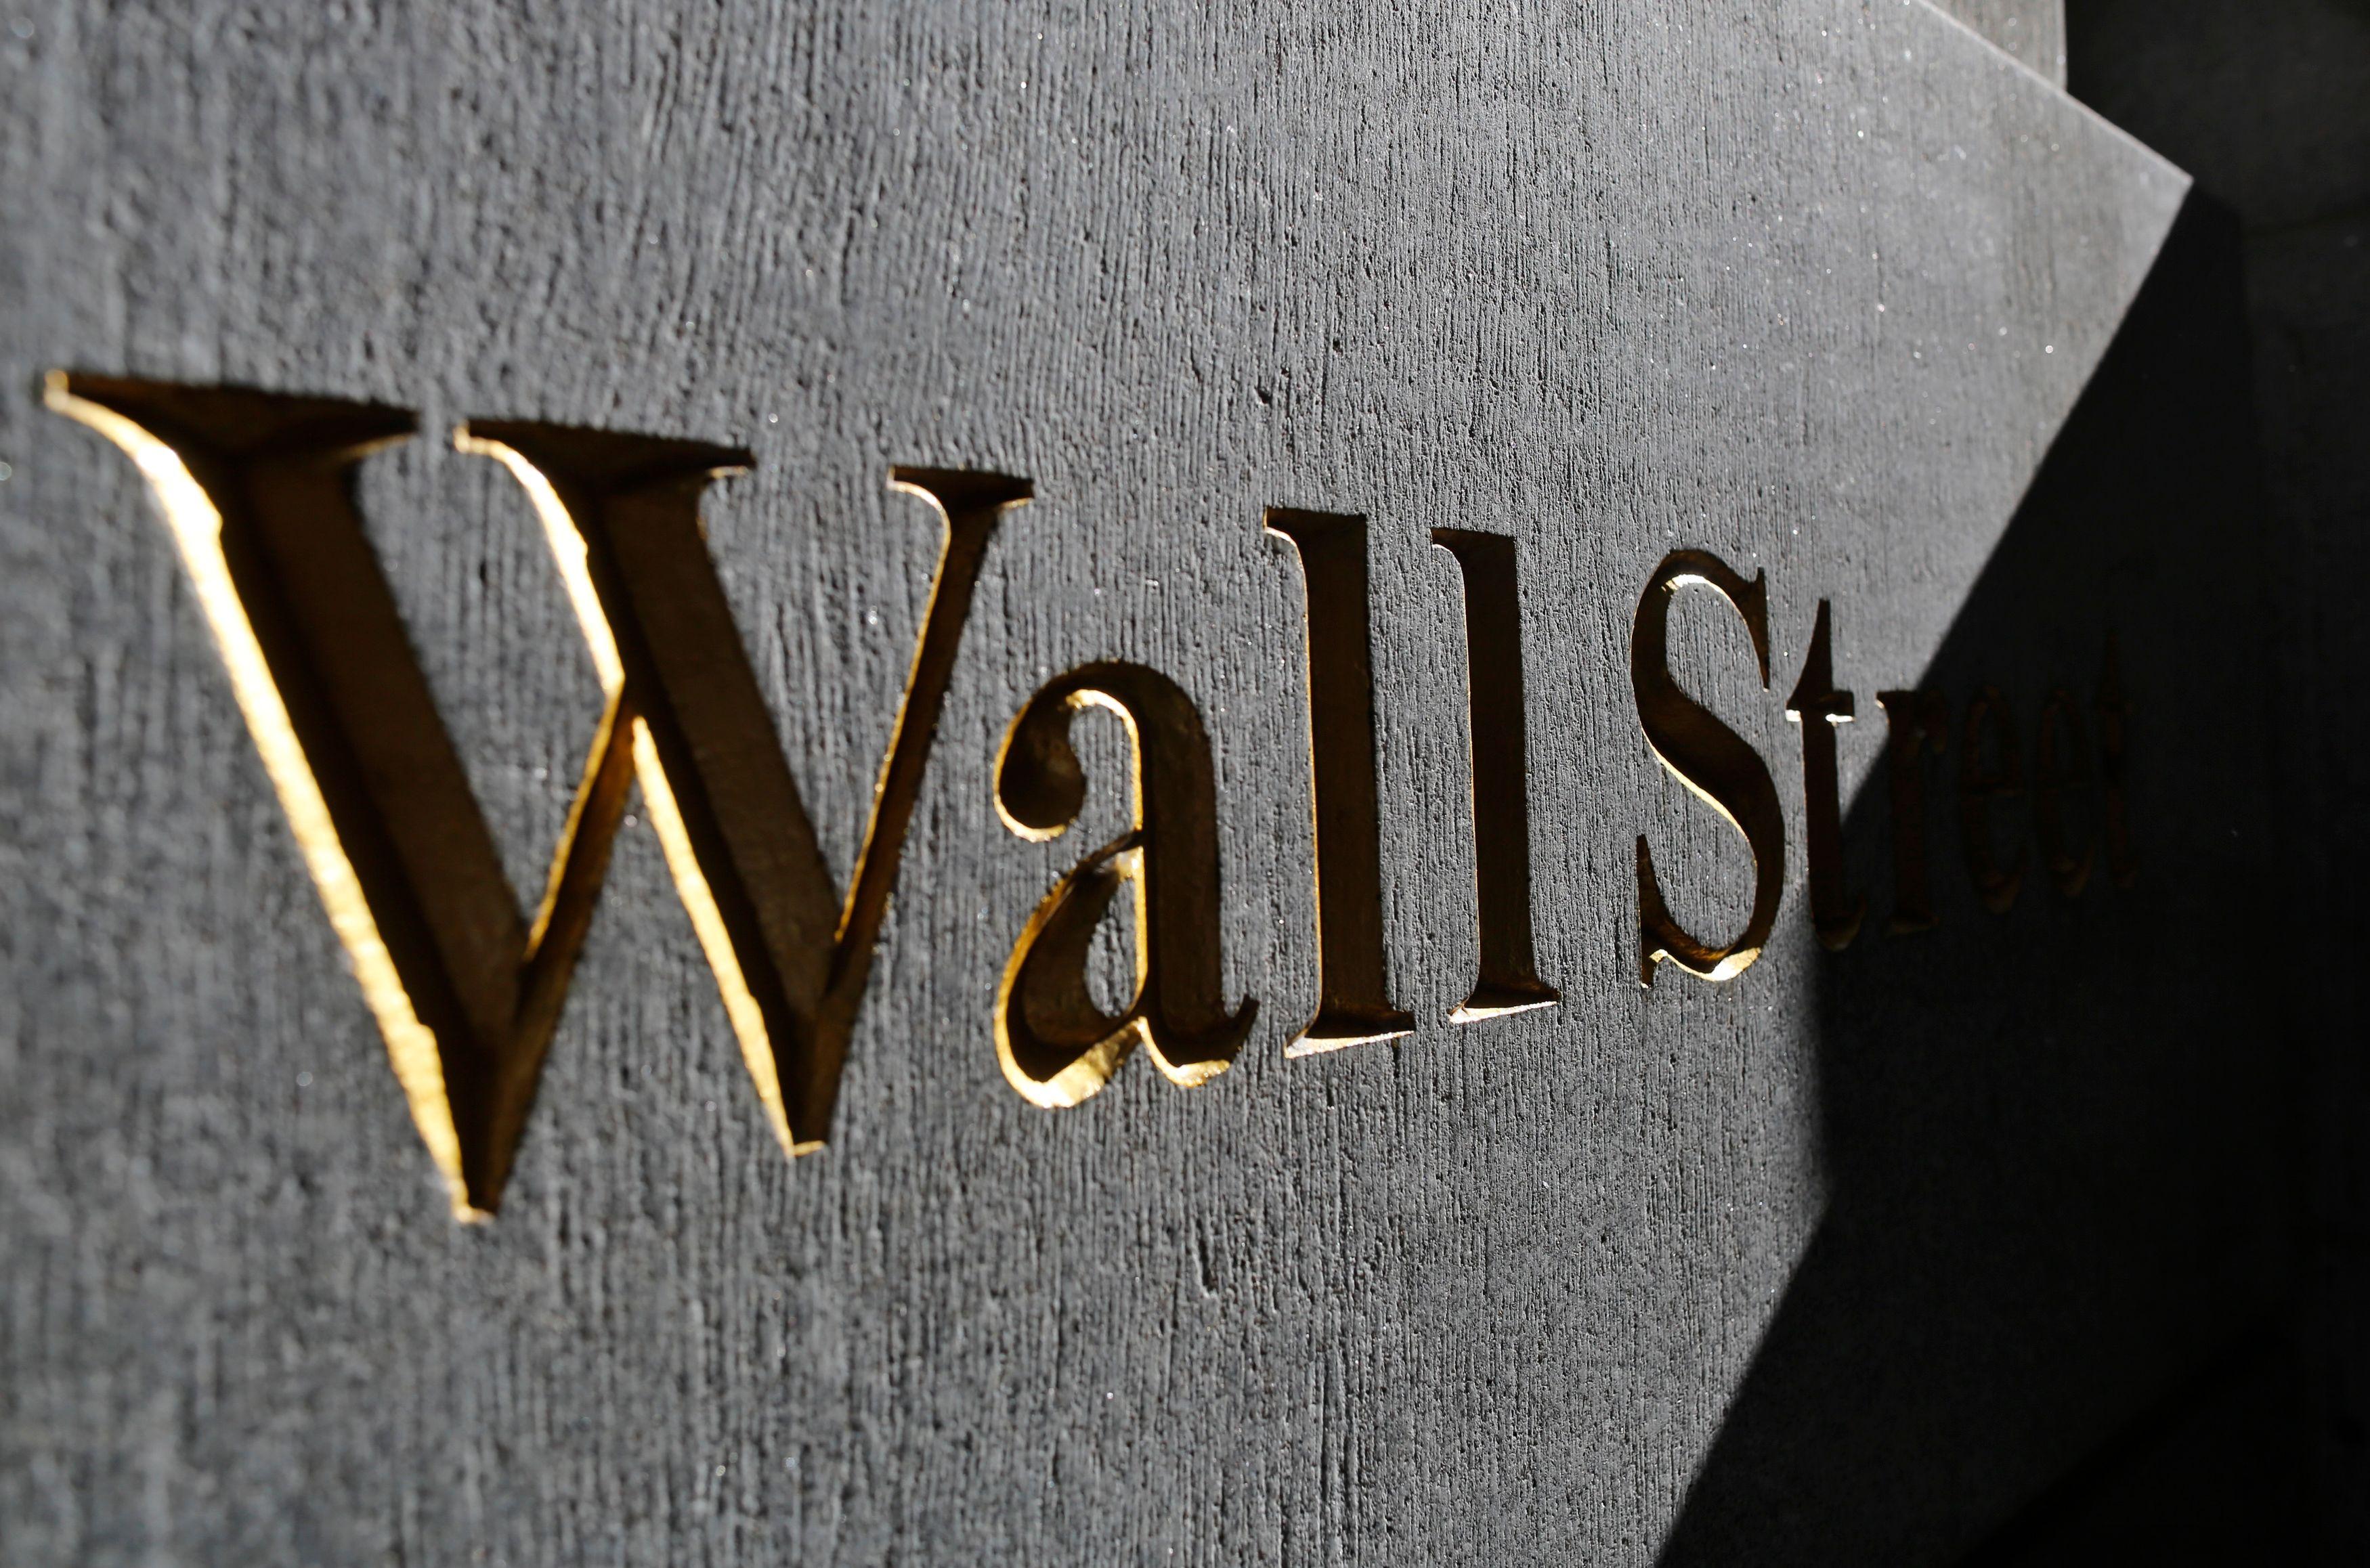 Martin Wolf 1 - Thomas Piketty 0 : ou comment comprendre les dérives du capitalisme financier sans renoncer au libéralisme